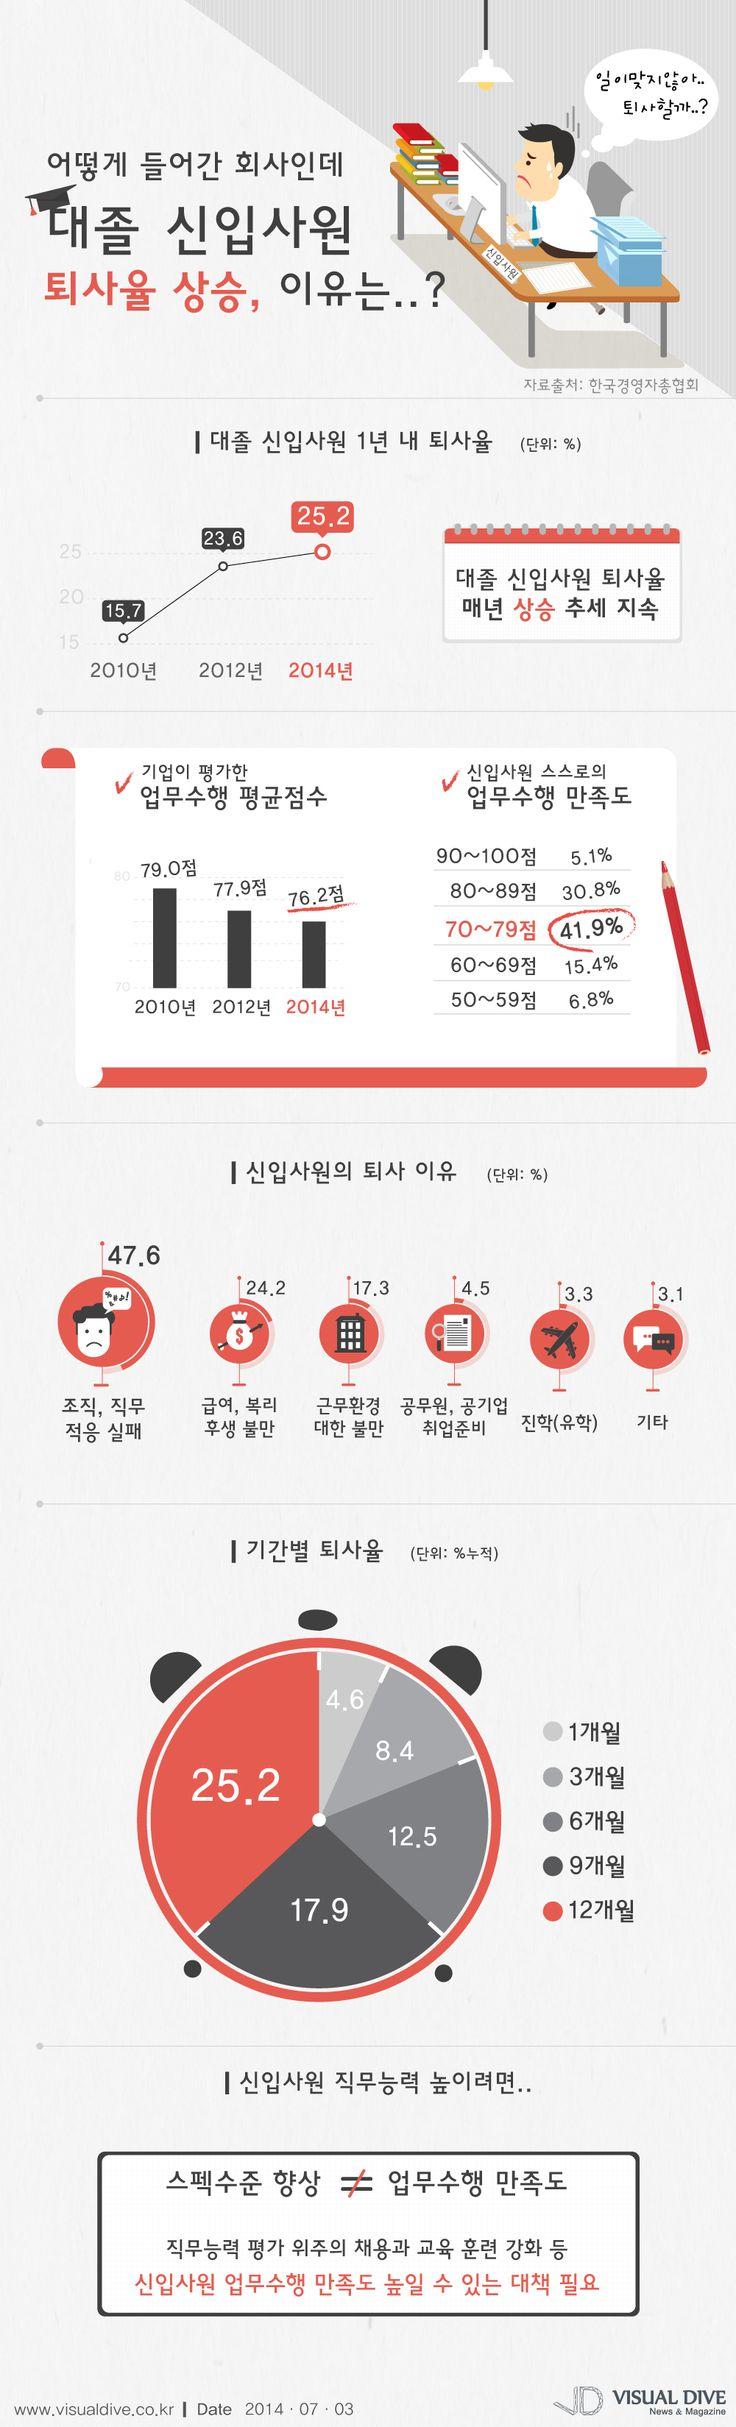 대졸 신입사원 4명 중 1명, 입사 1년 내 퇴사…이유는? [인포그래픽] #inc. / #Infographic ⓒ 비주얼다이브 무단 복사·전재·재배포 금지